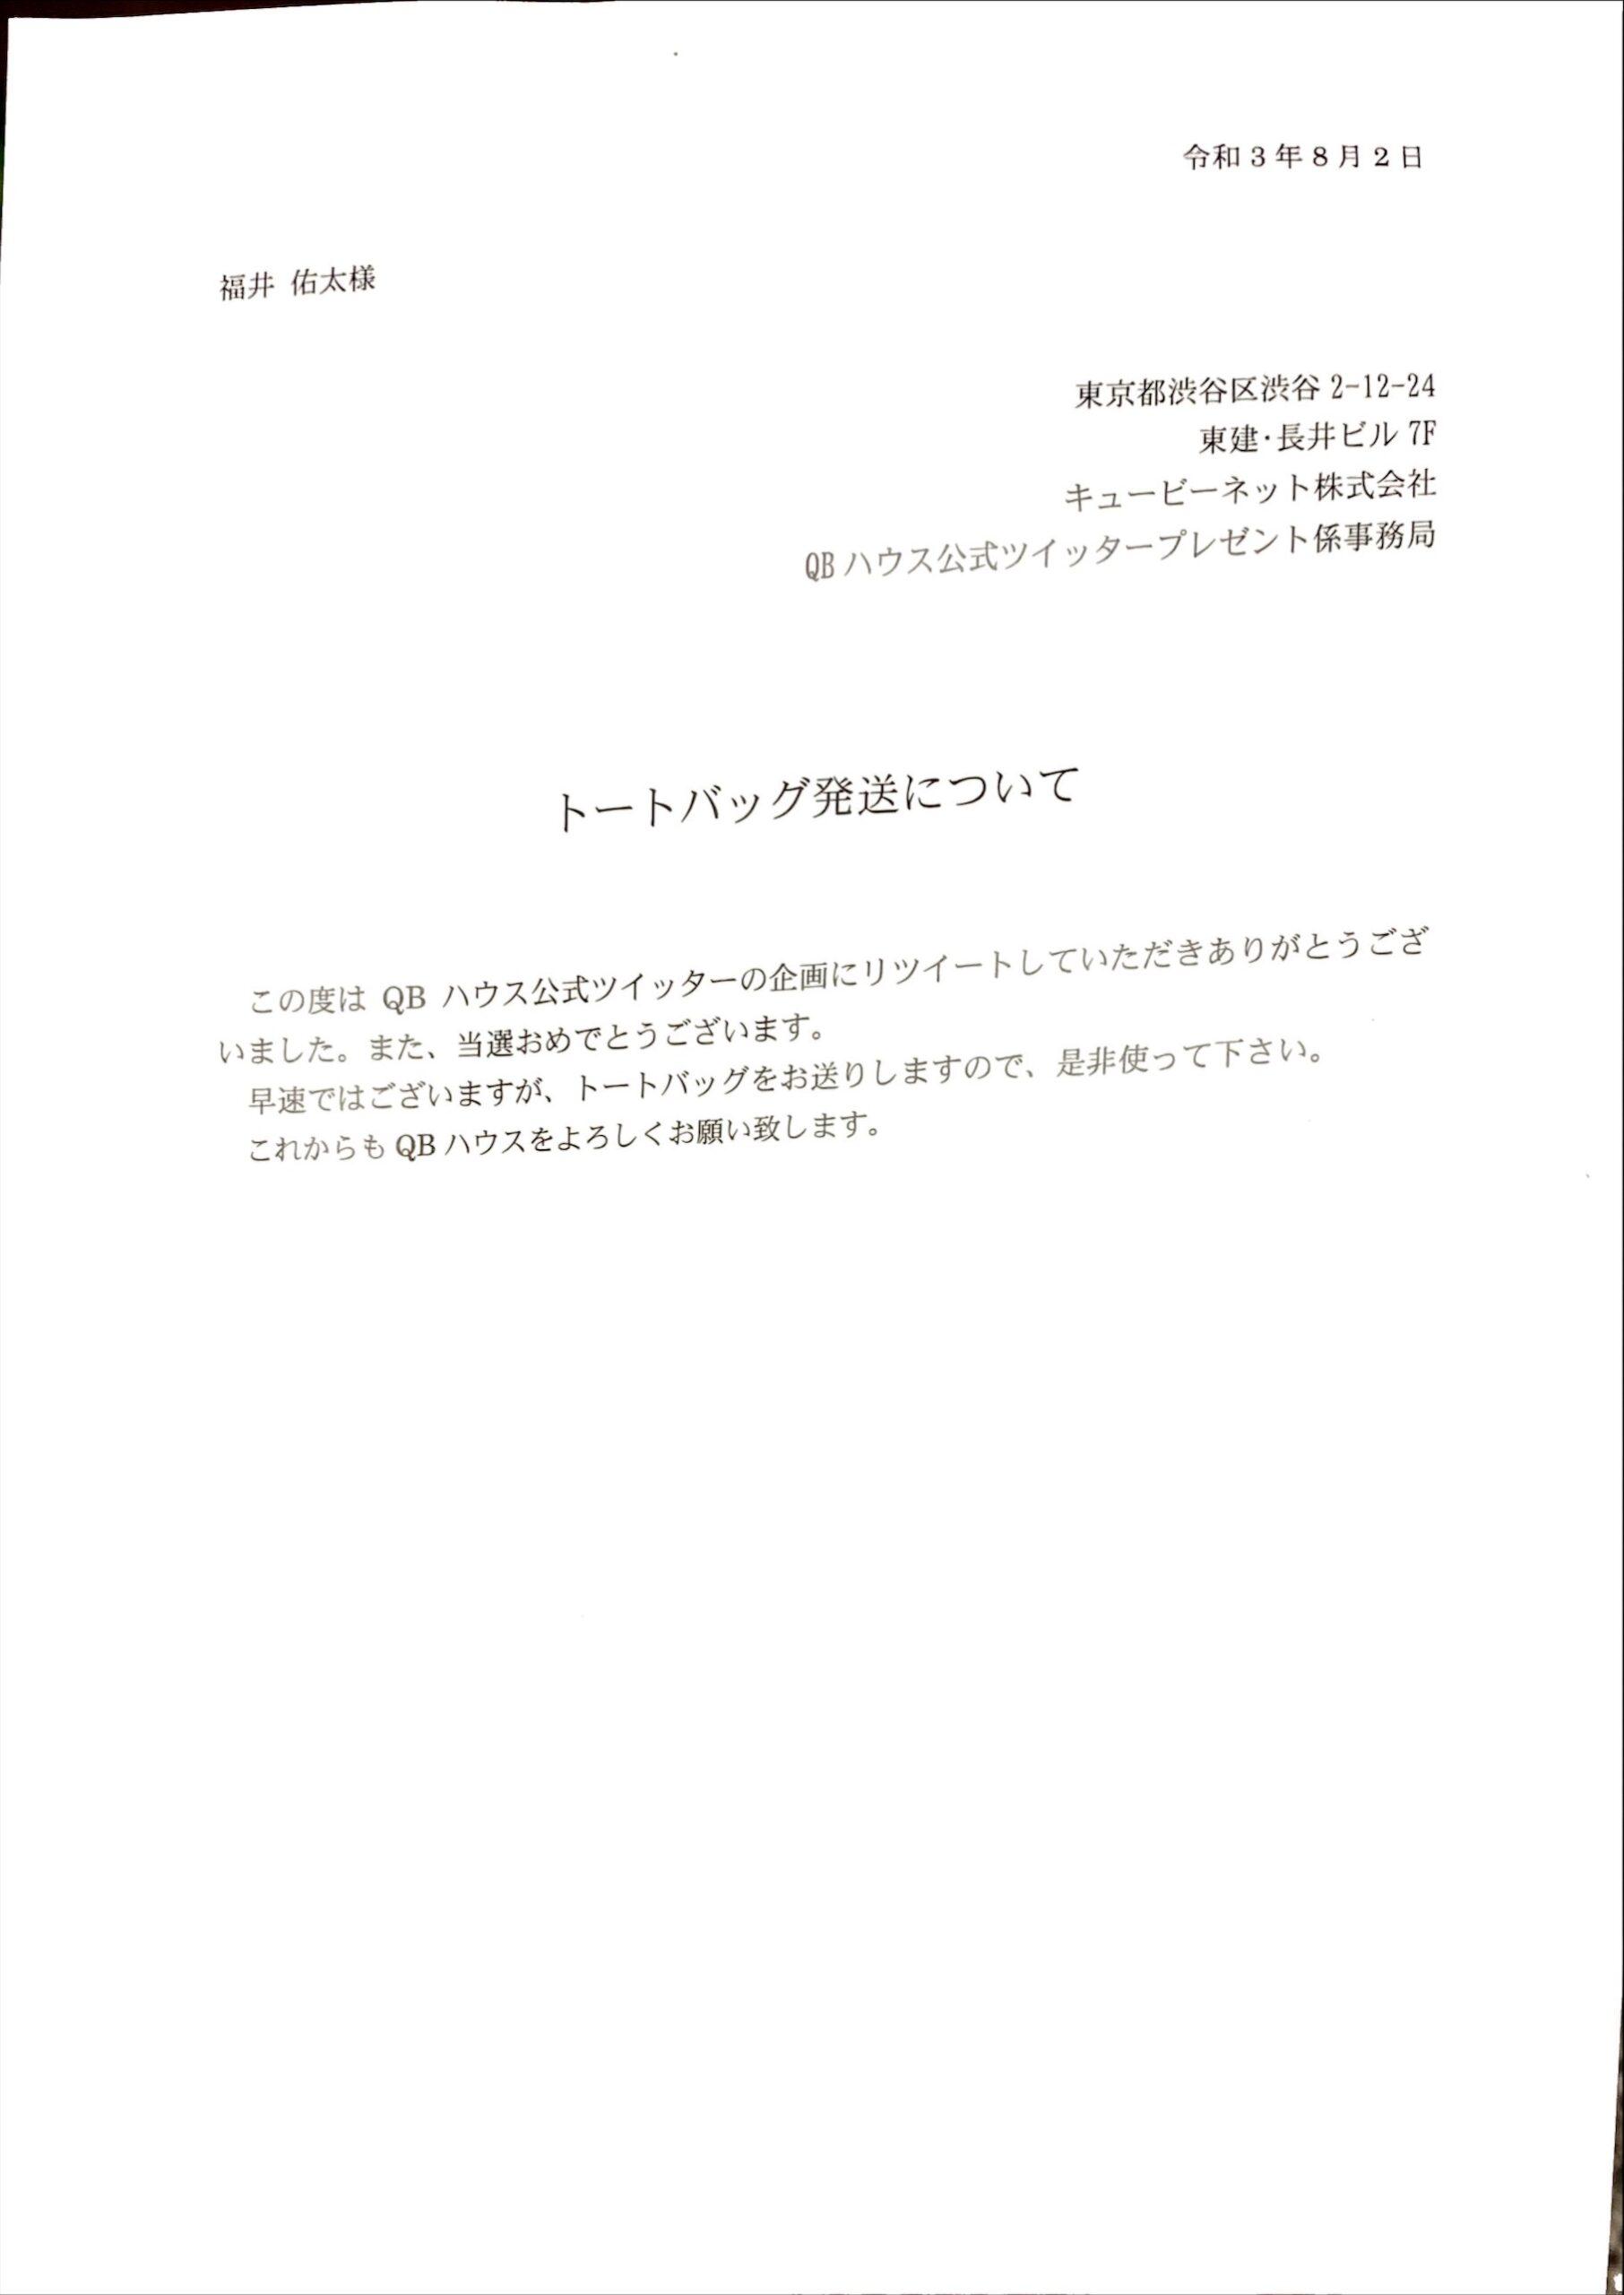 QBハウス懸賞当選